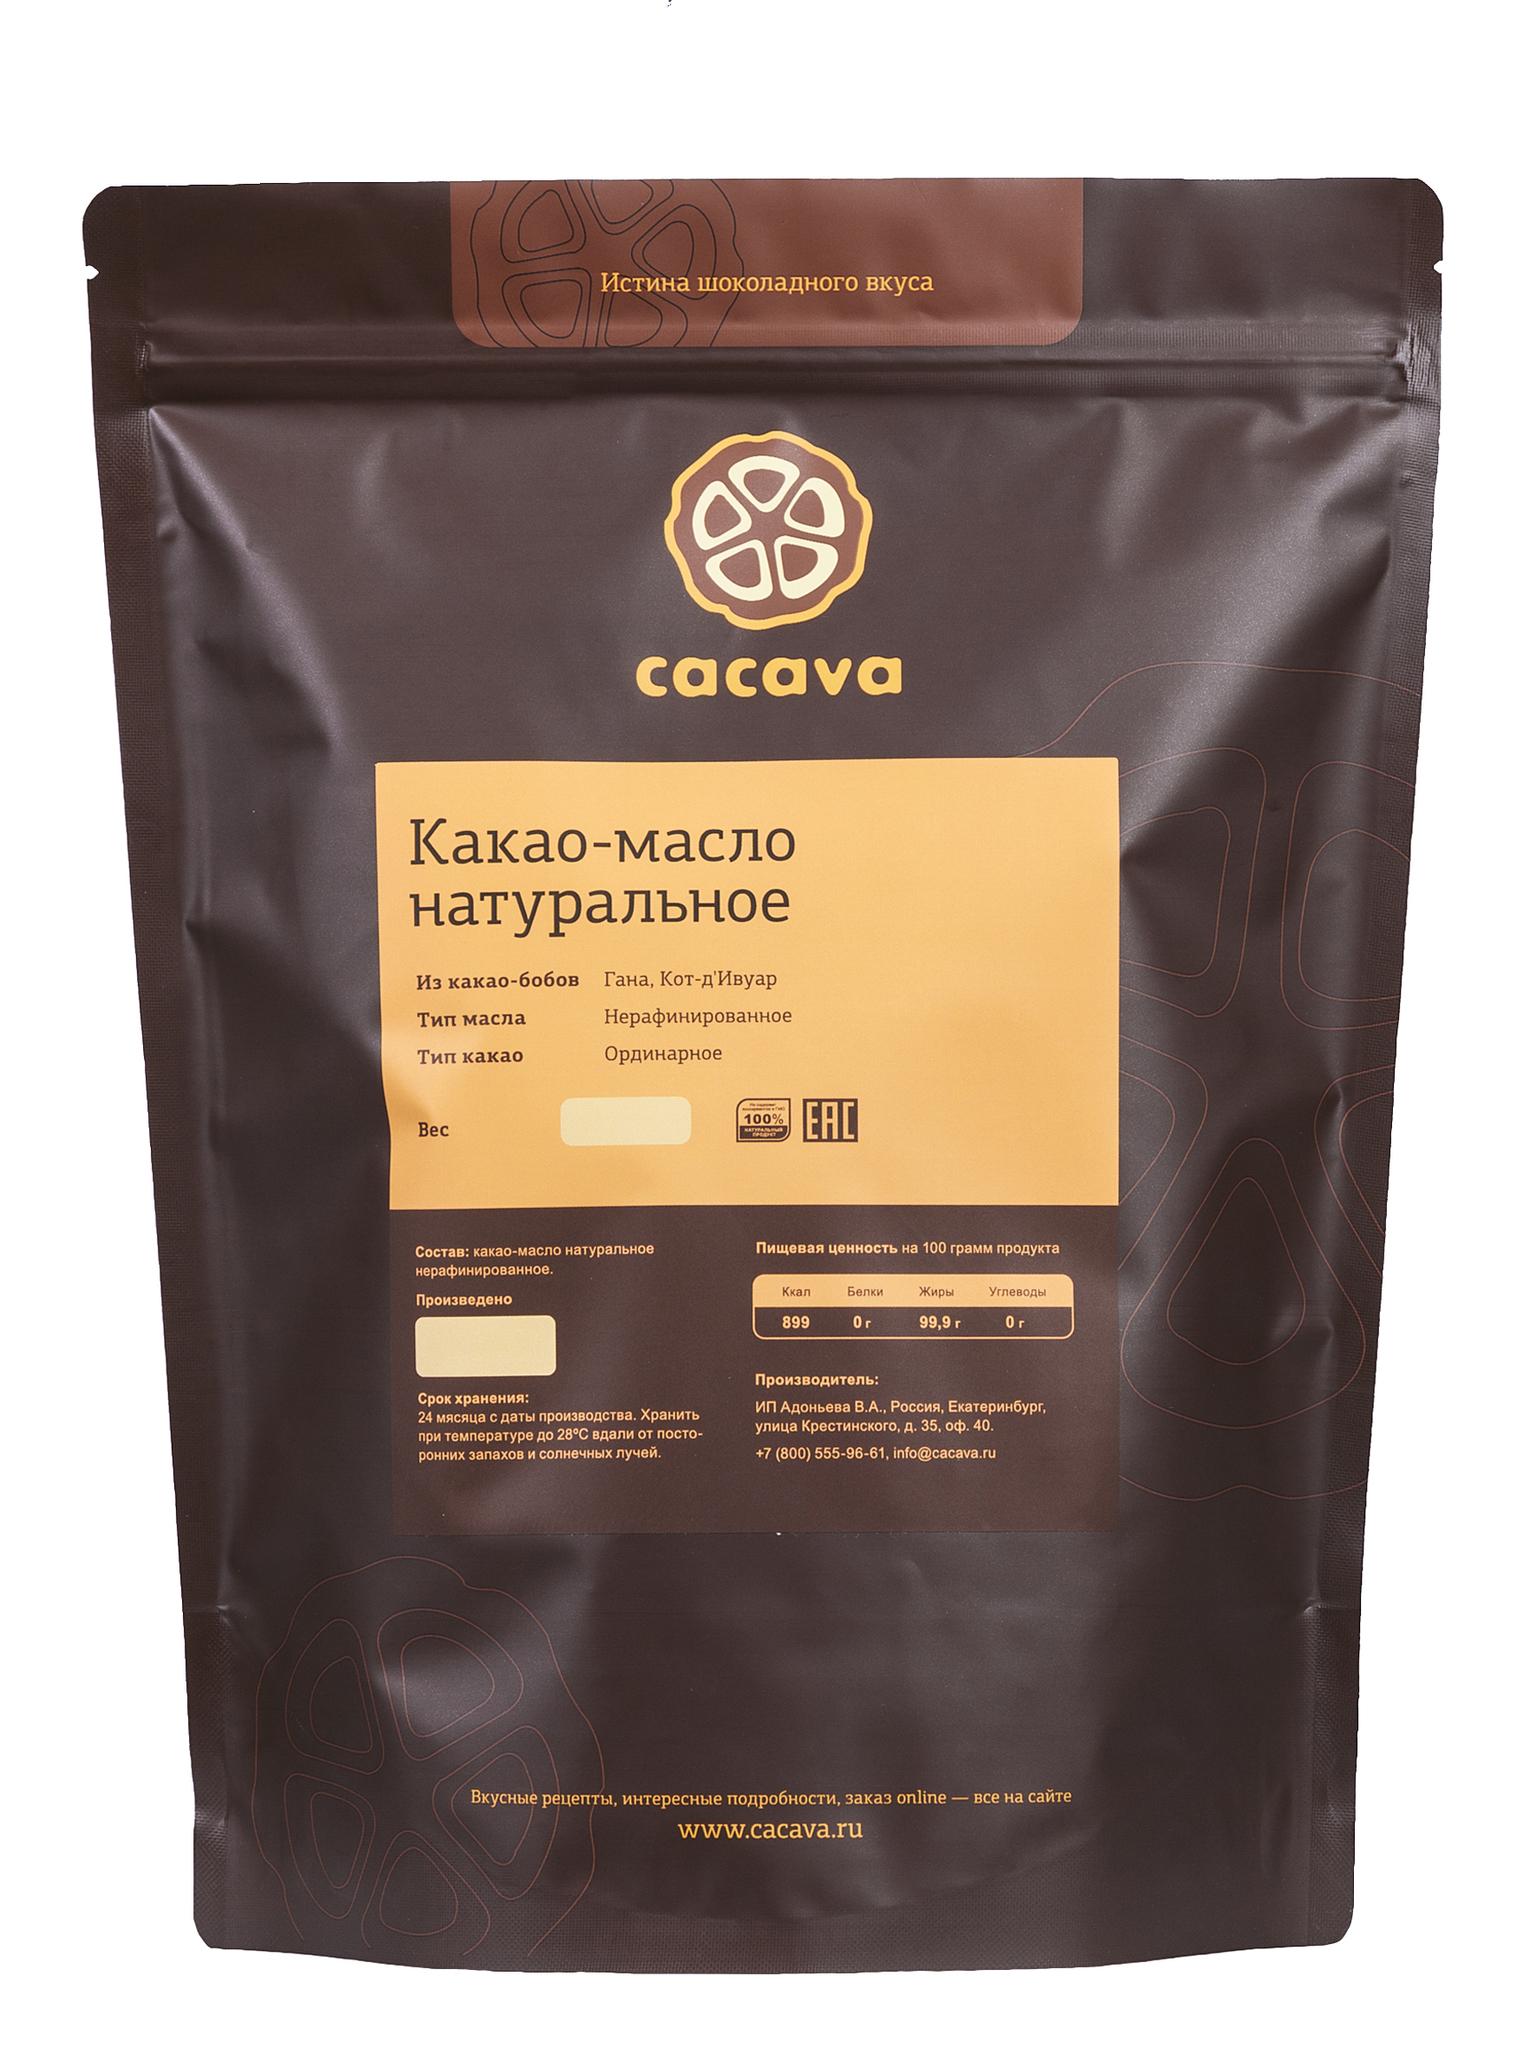 Какао-масло натуральное нерафинированное (Африка), упаковка 1 кг